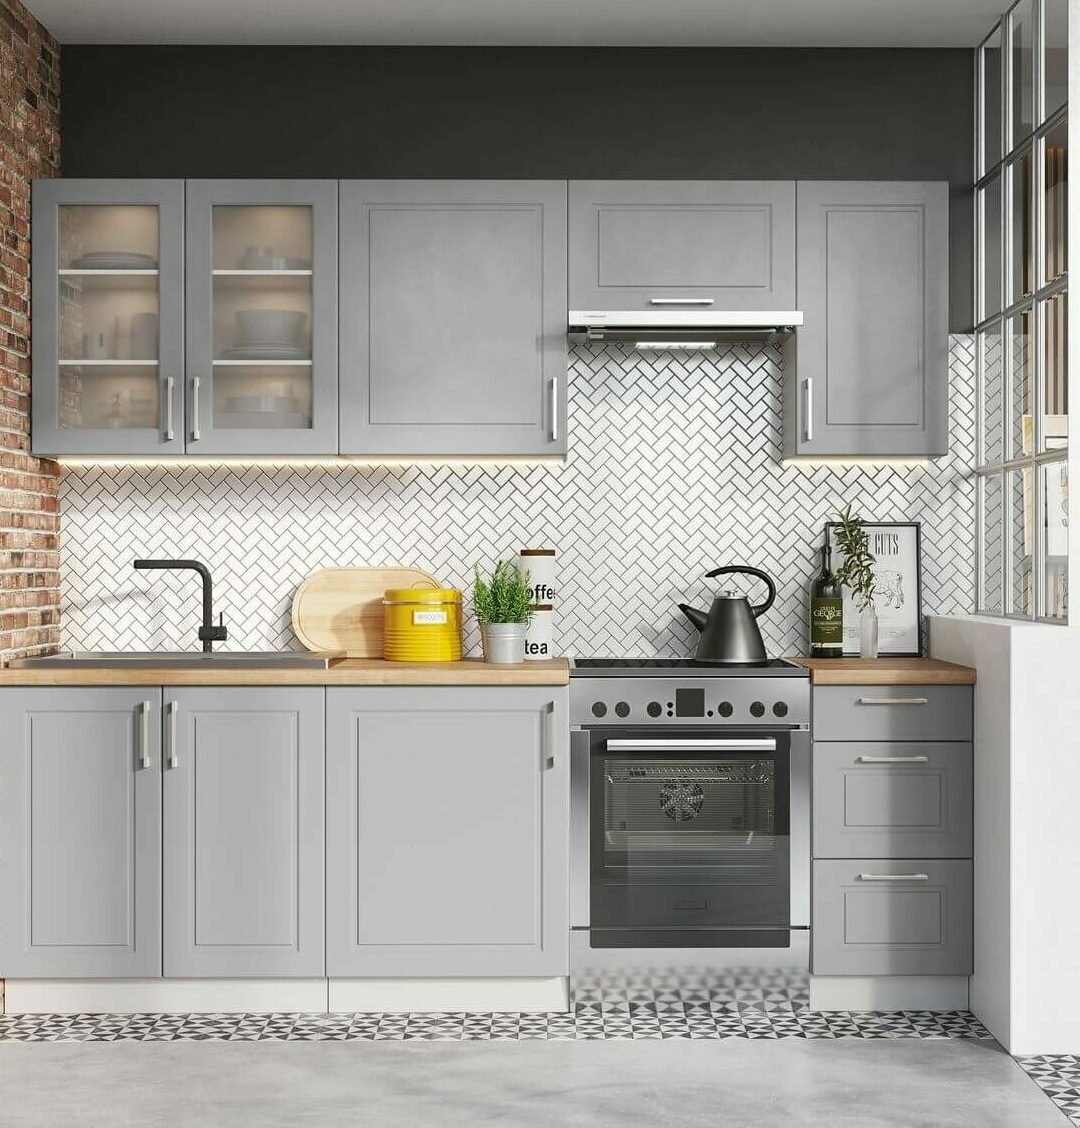 cuisine ouverte salon mur de briques grise béton cire carrelage zig zag - bobochic